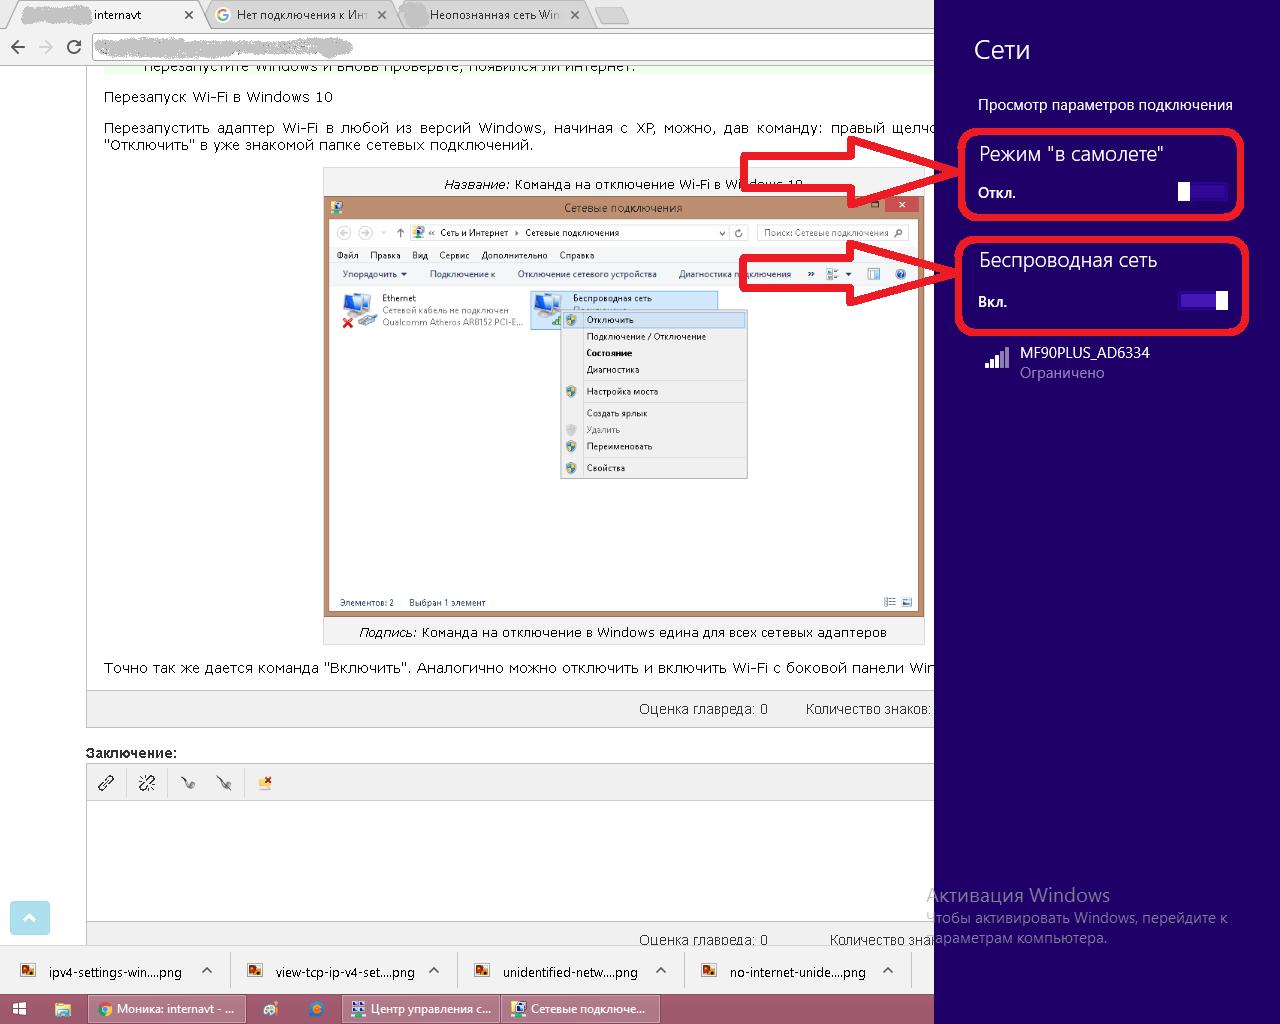 Как включить вай фай на ноутбуке леново в windows 7 или windows 8.